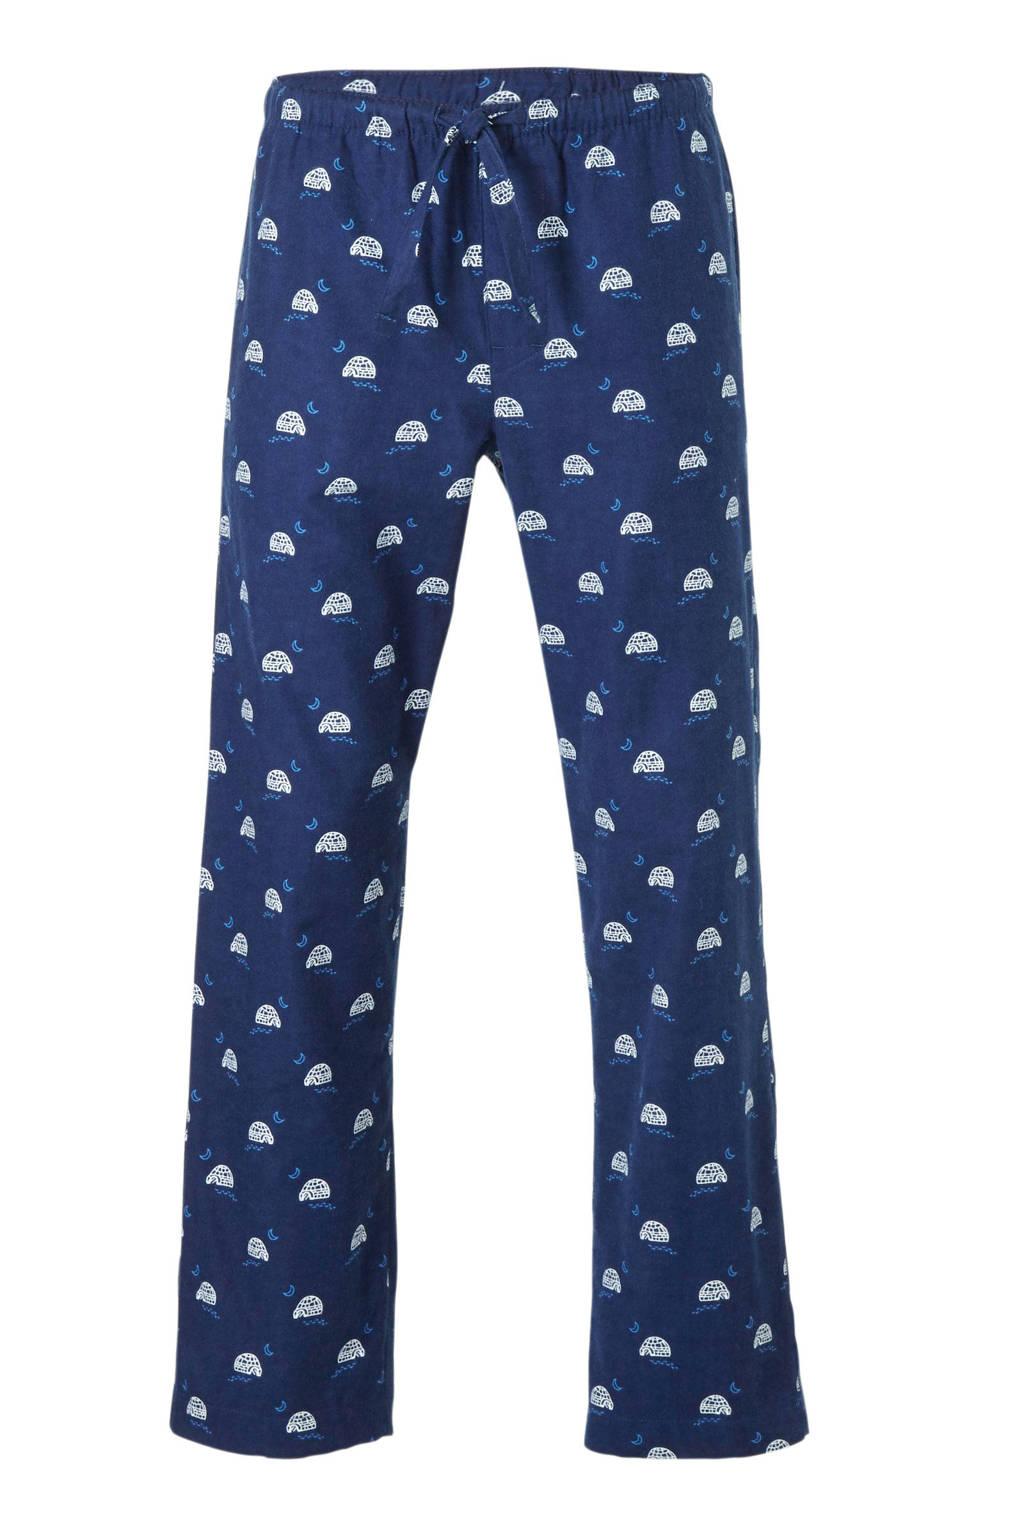 GAP flanellen pyjamabroek met iglo print donkerblauw, Donkerblauw